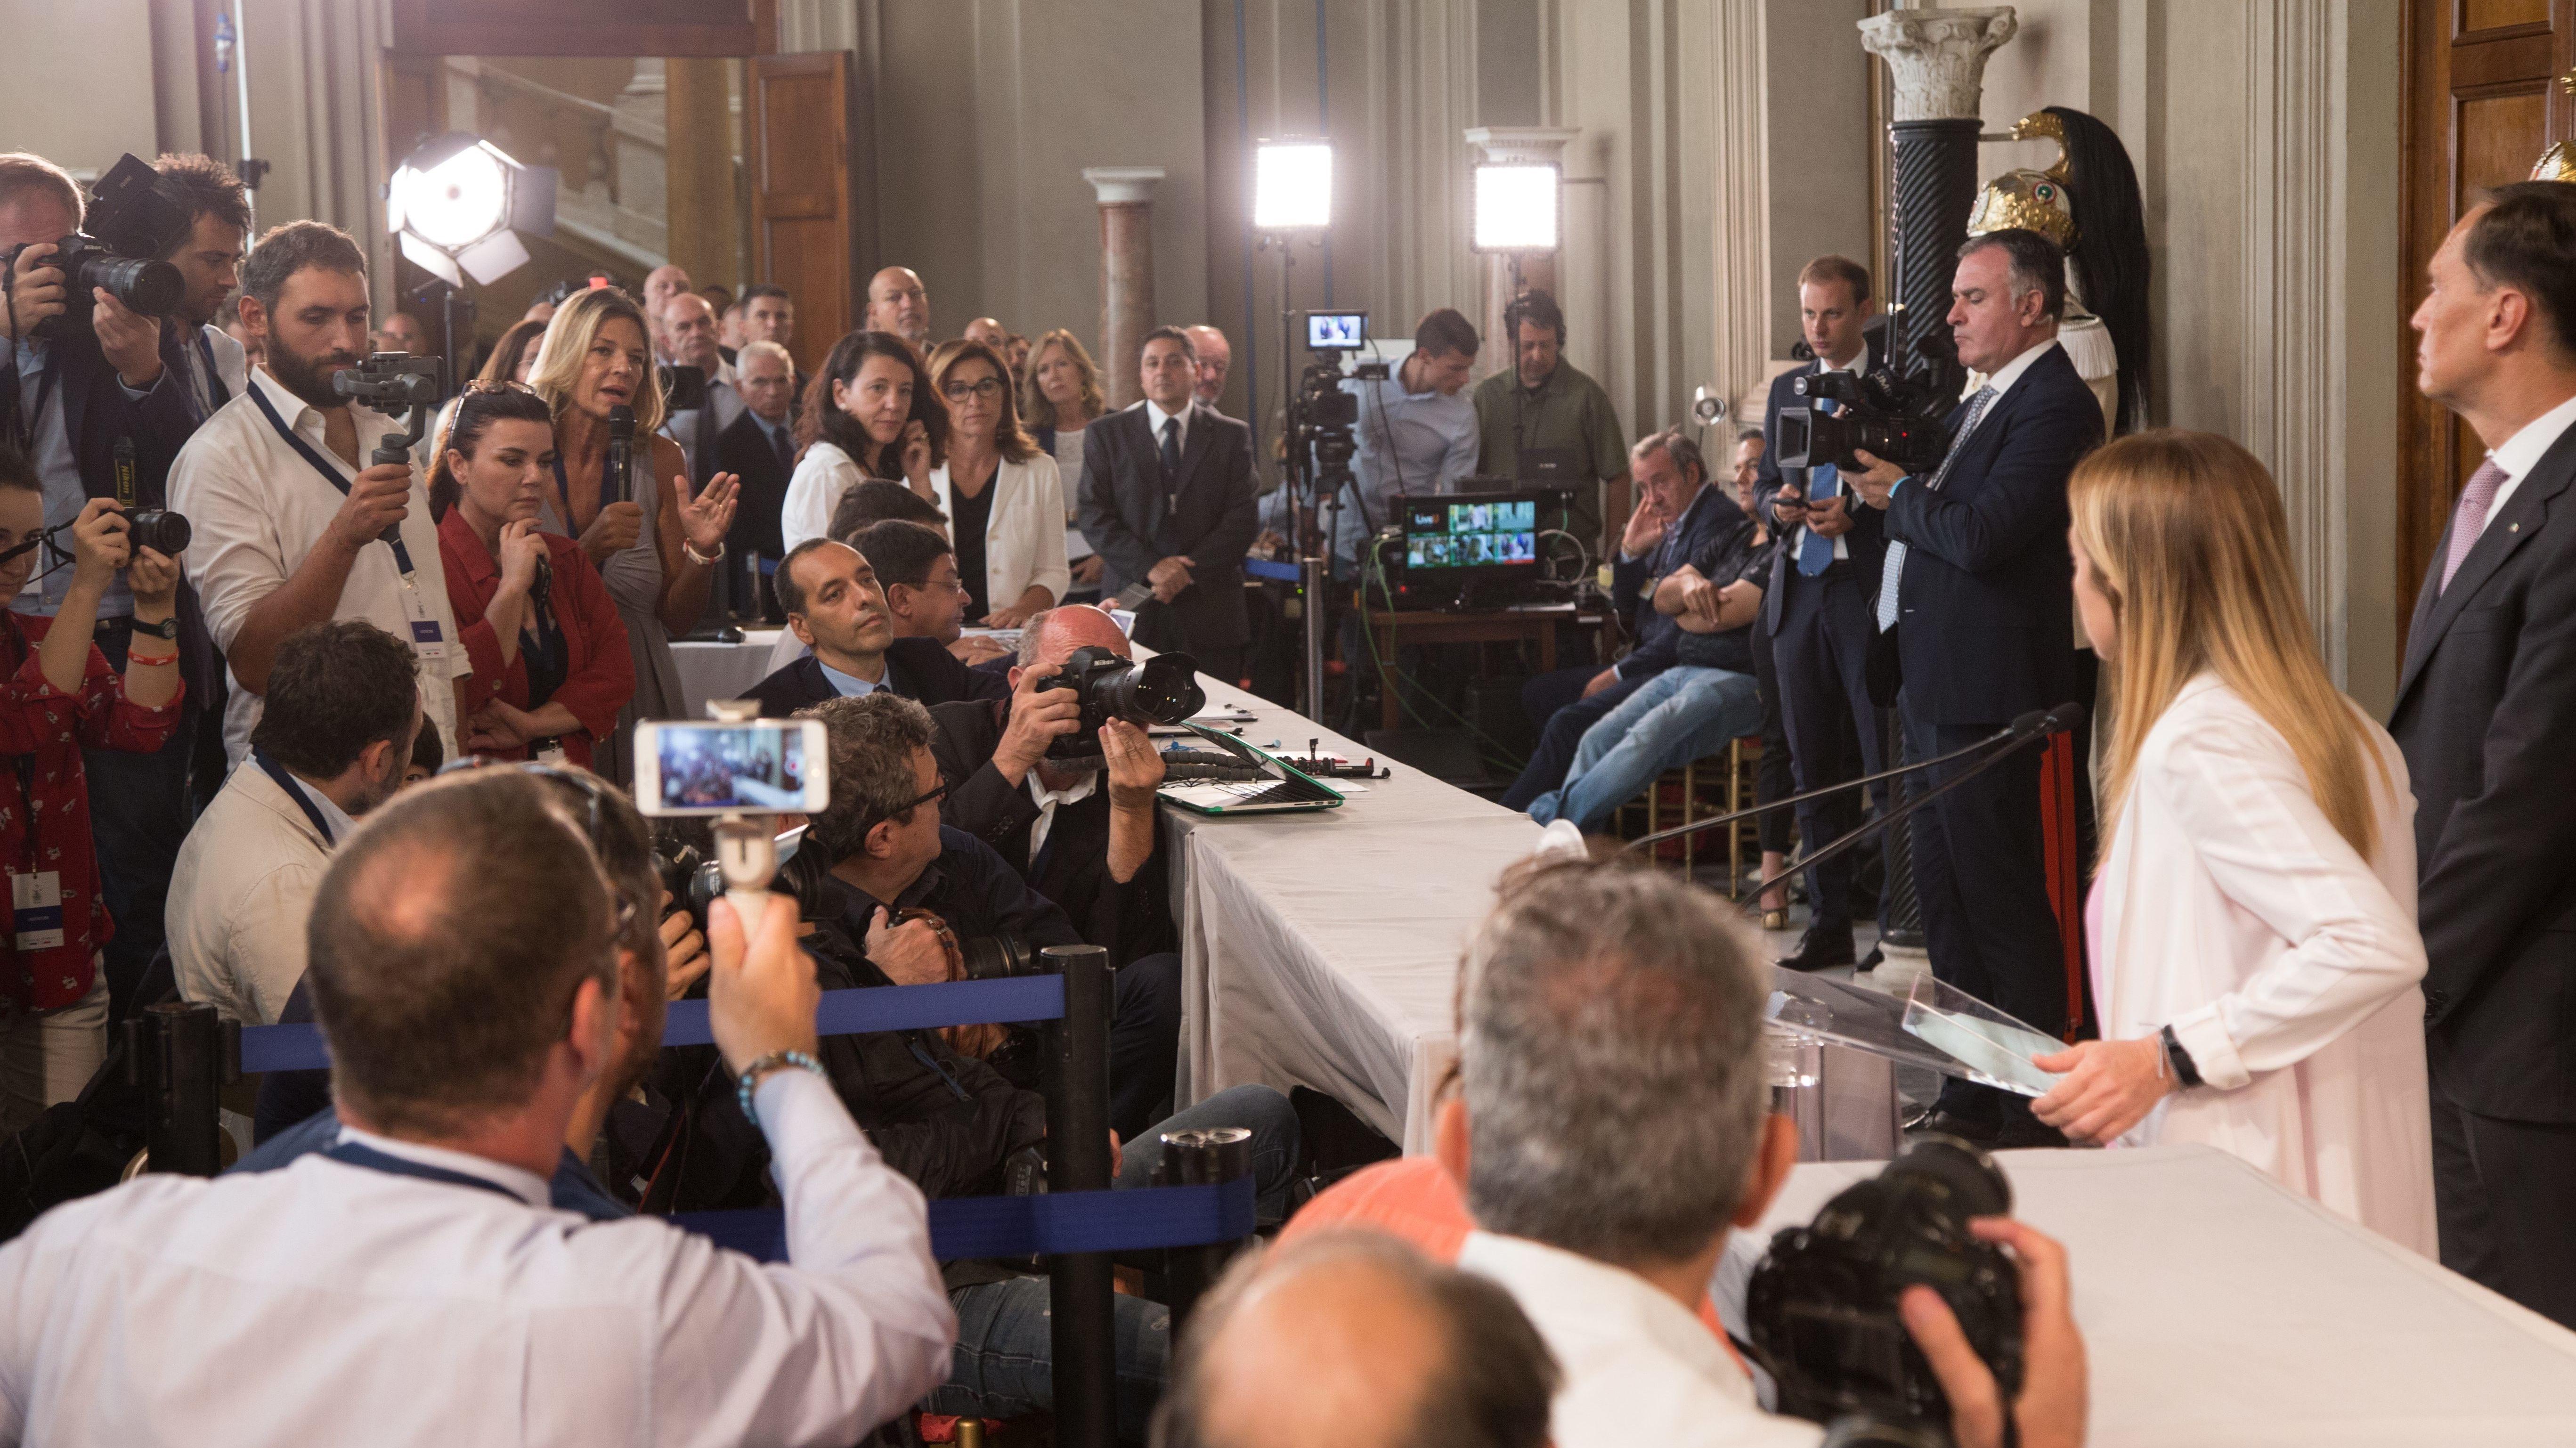 Pressekonferenz zur neuen Regierung in Italien.